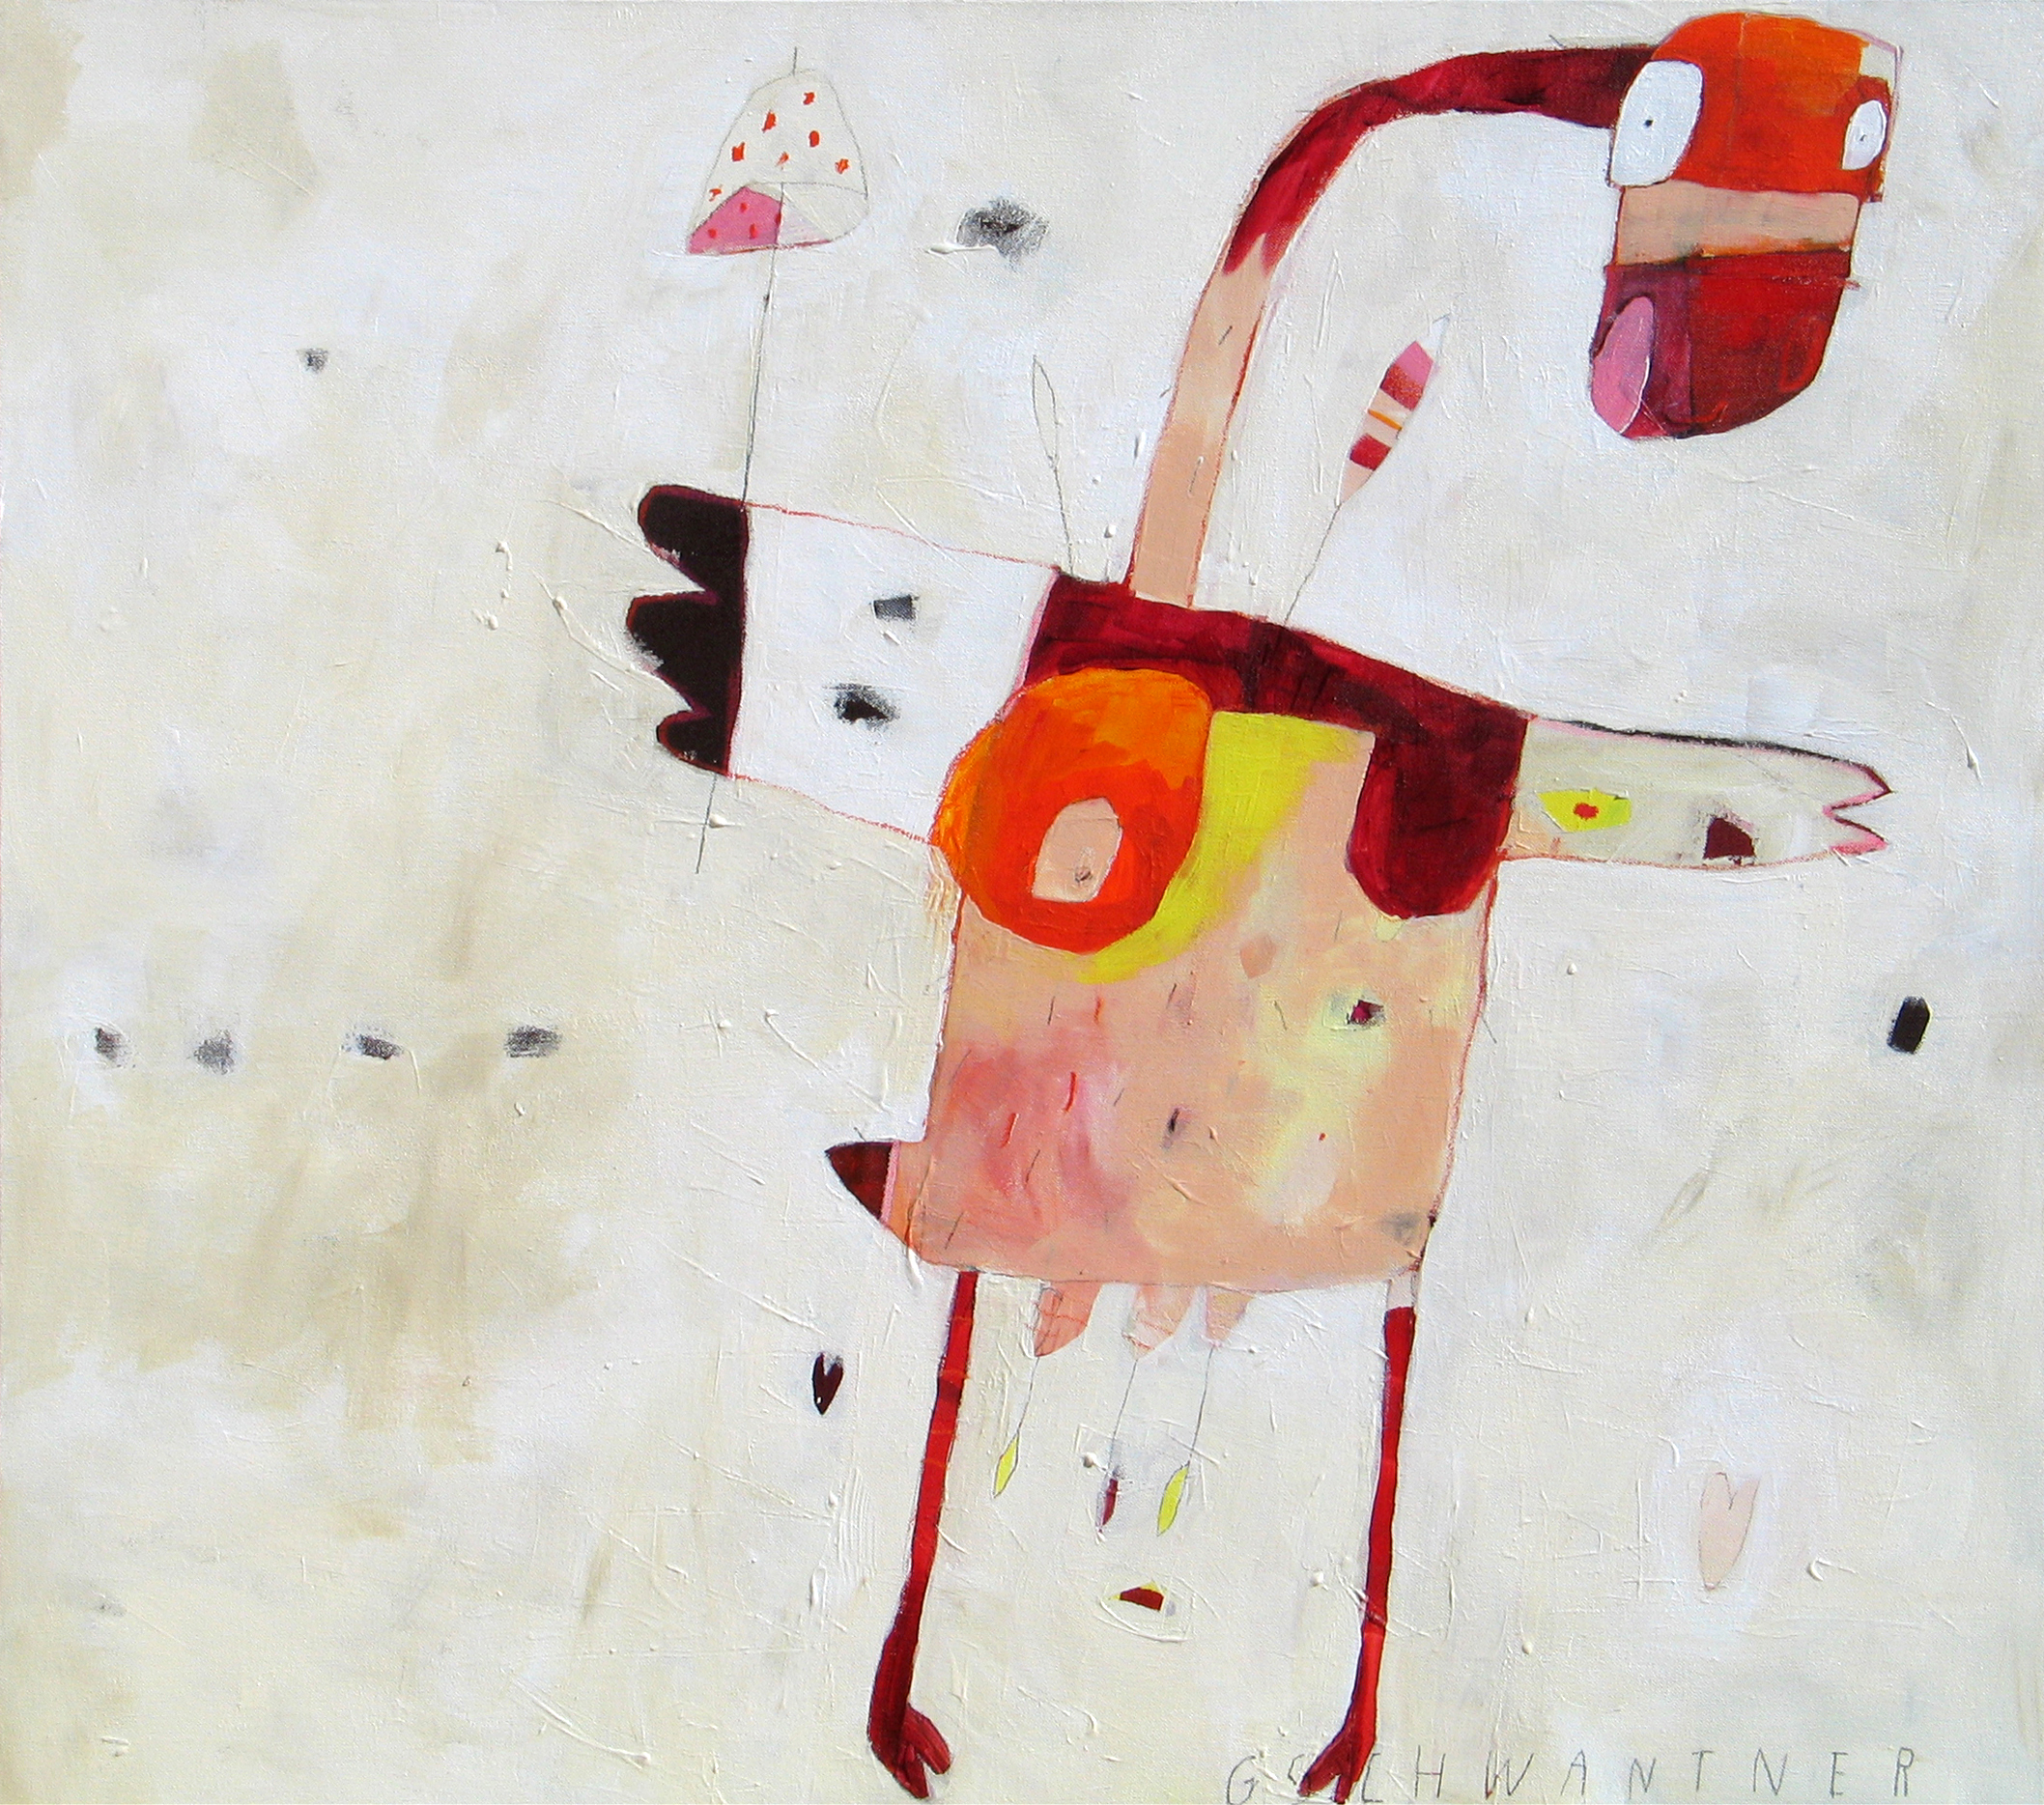 Schirmente, 2006, 104 x 94